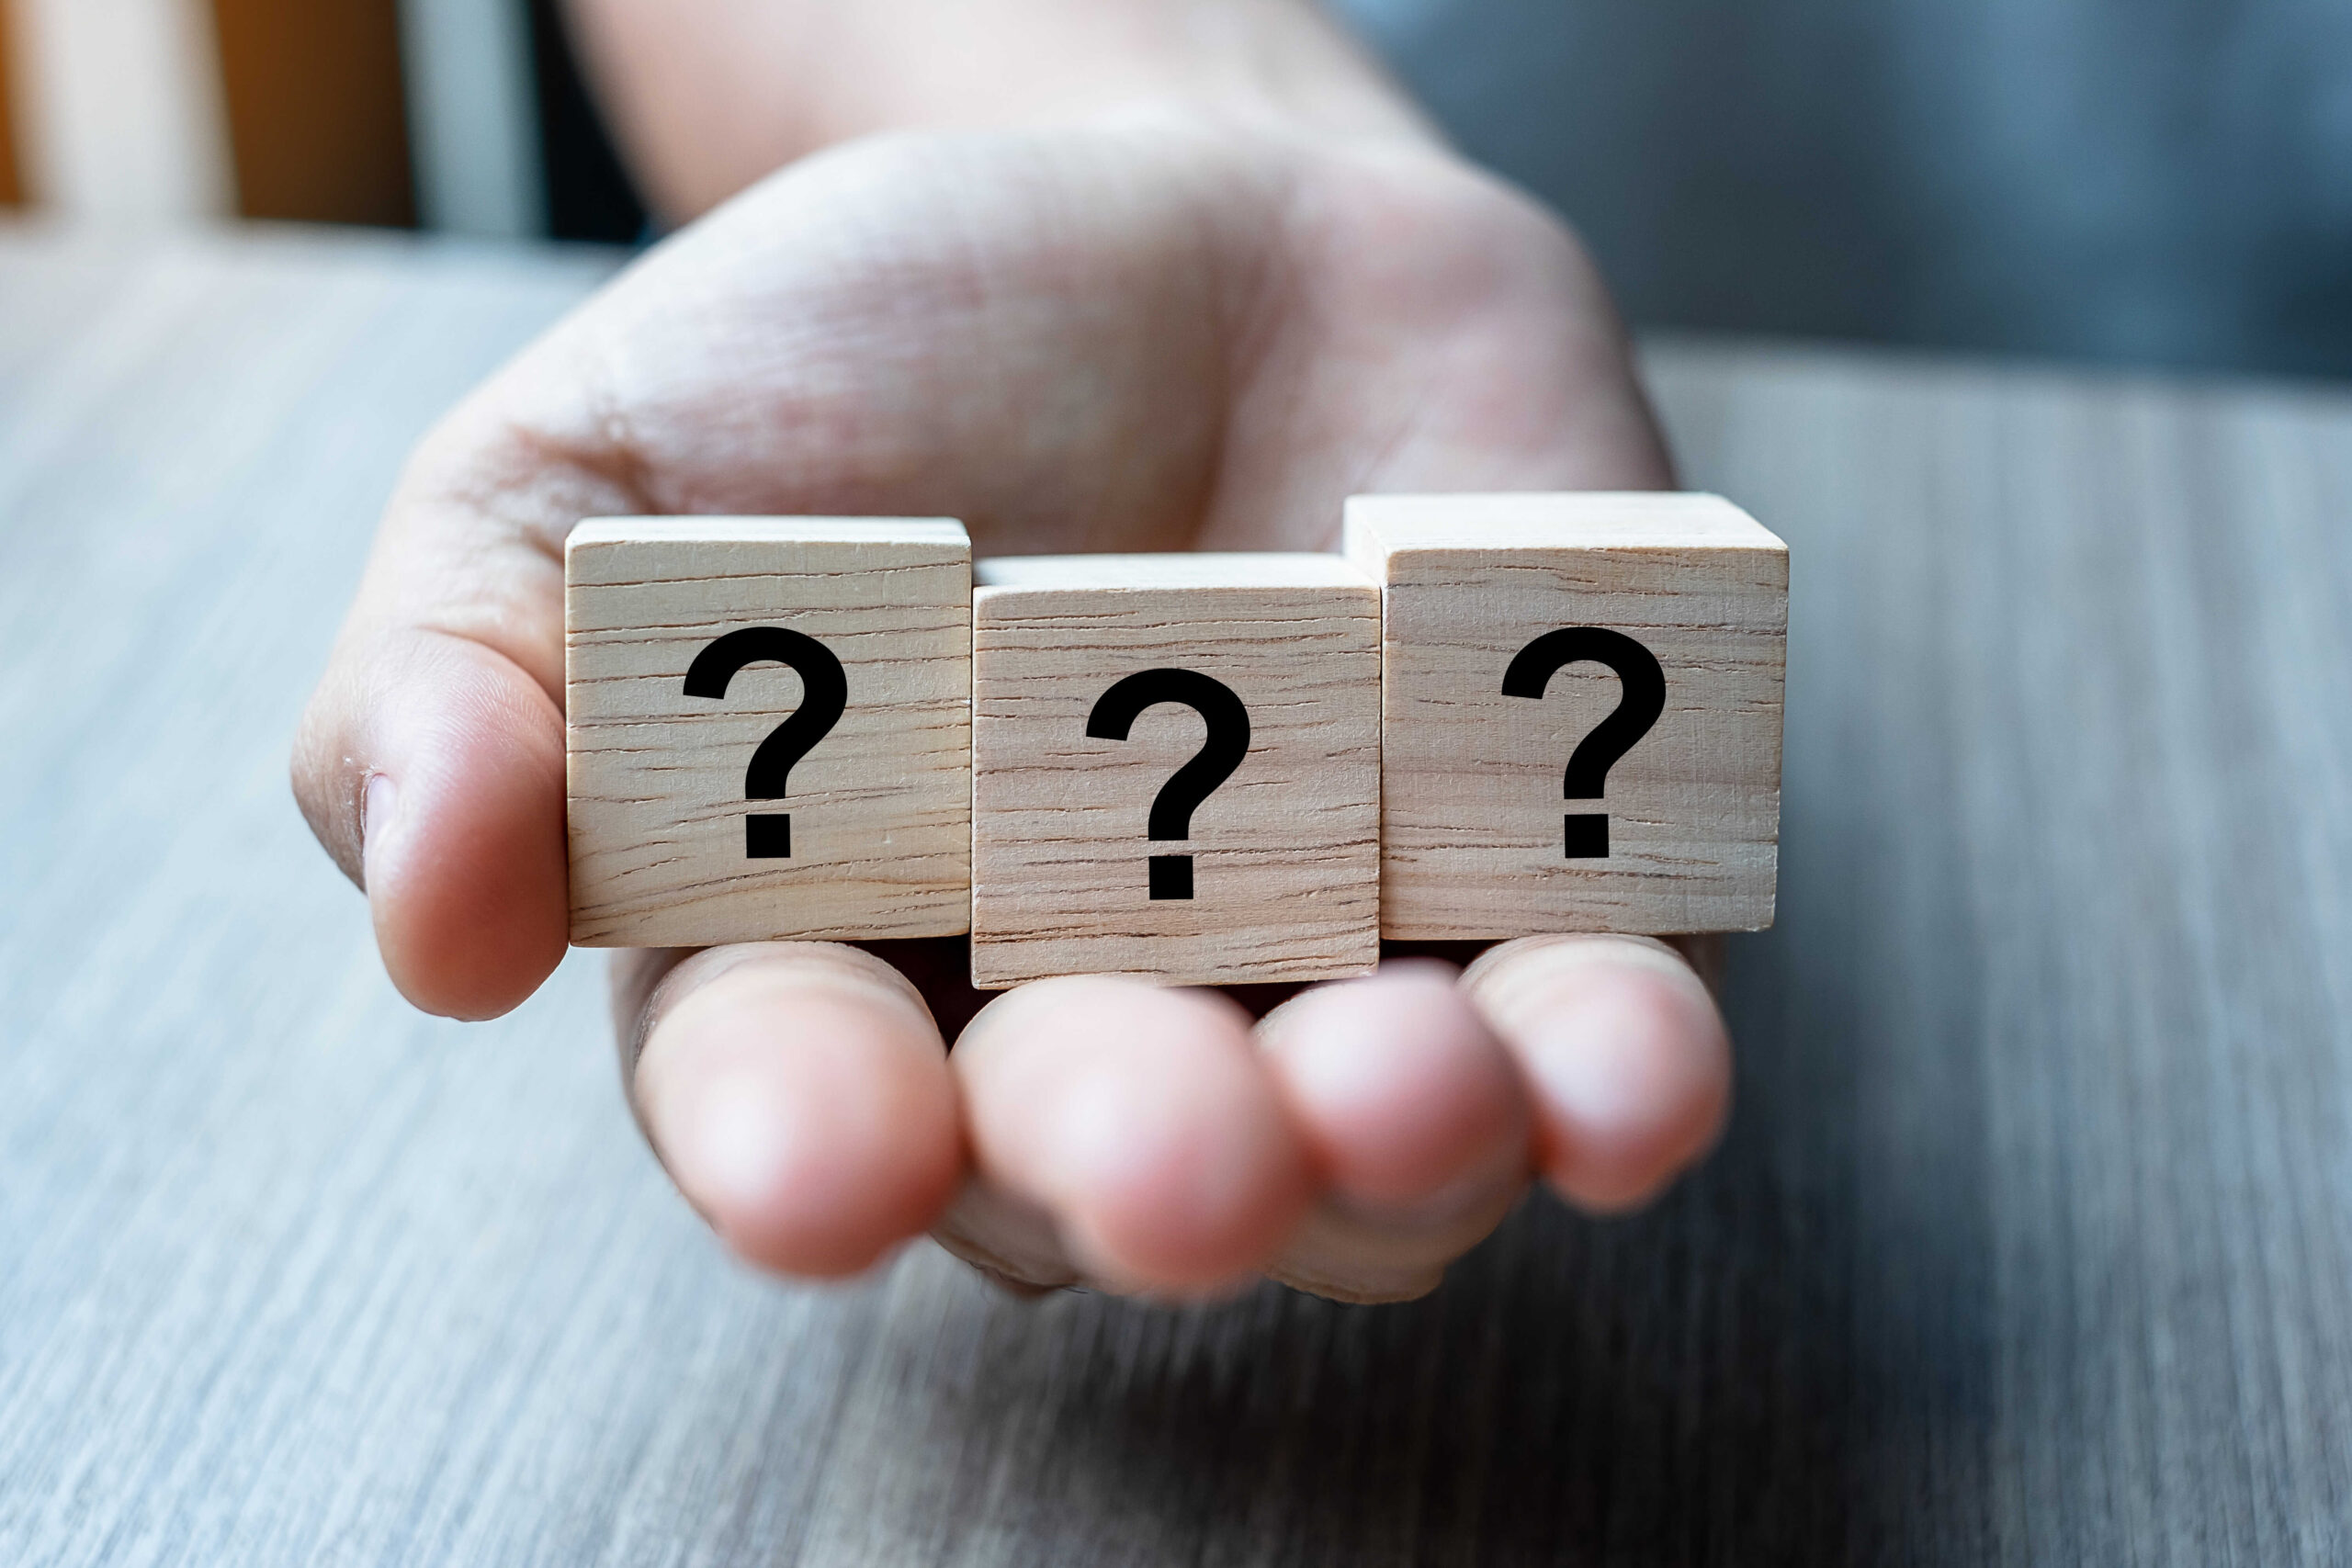 קבלימוד | מבחן שאלות בחכמת הקבלה | כתבי בעל הסולם | הרב יהודה לייב הלוי אשלג | תלמוד עשר הספירות